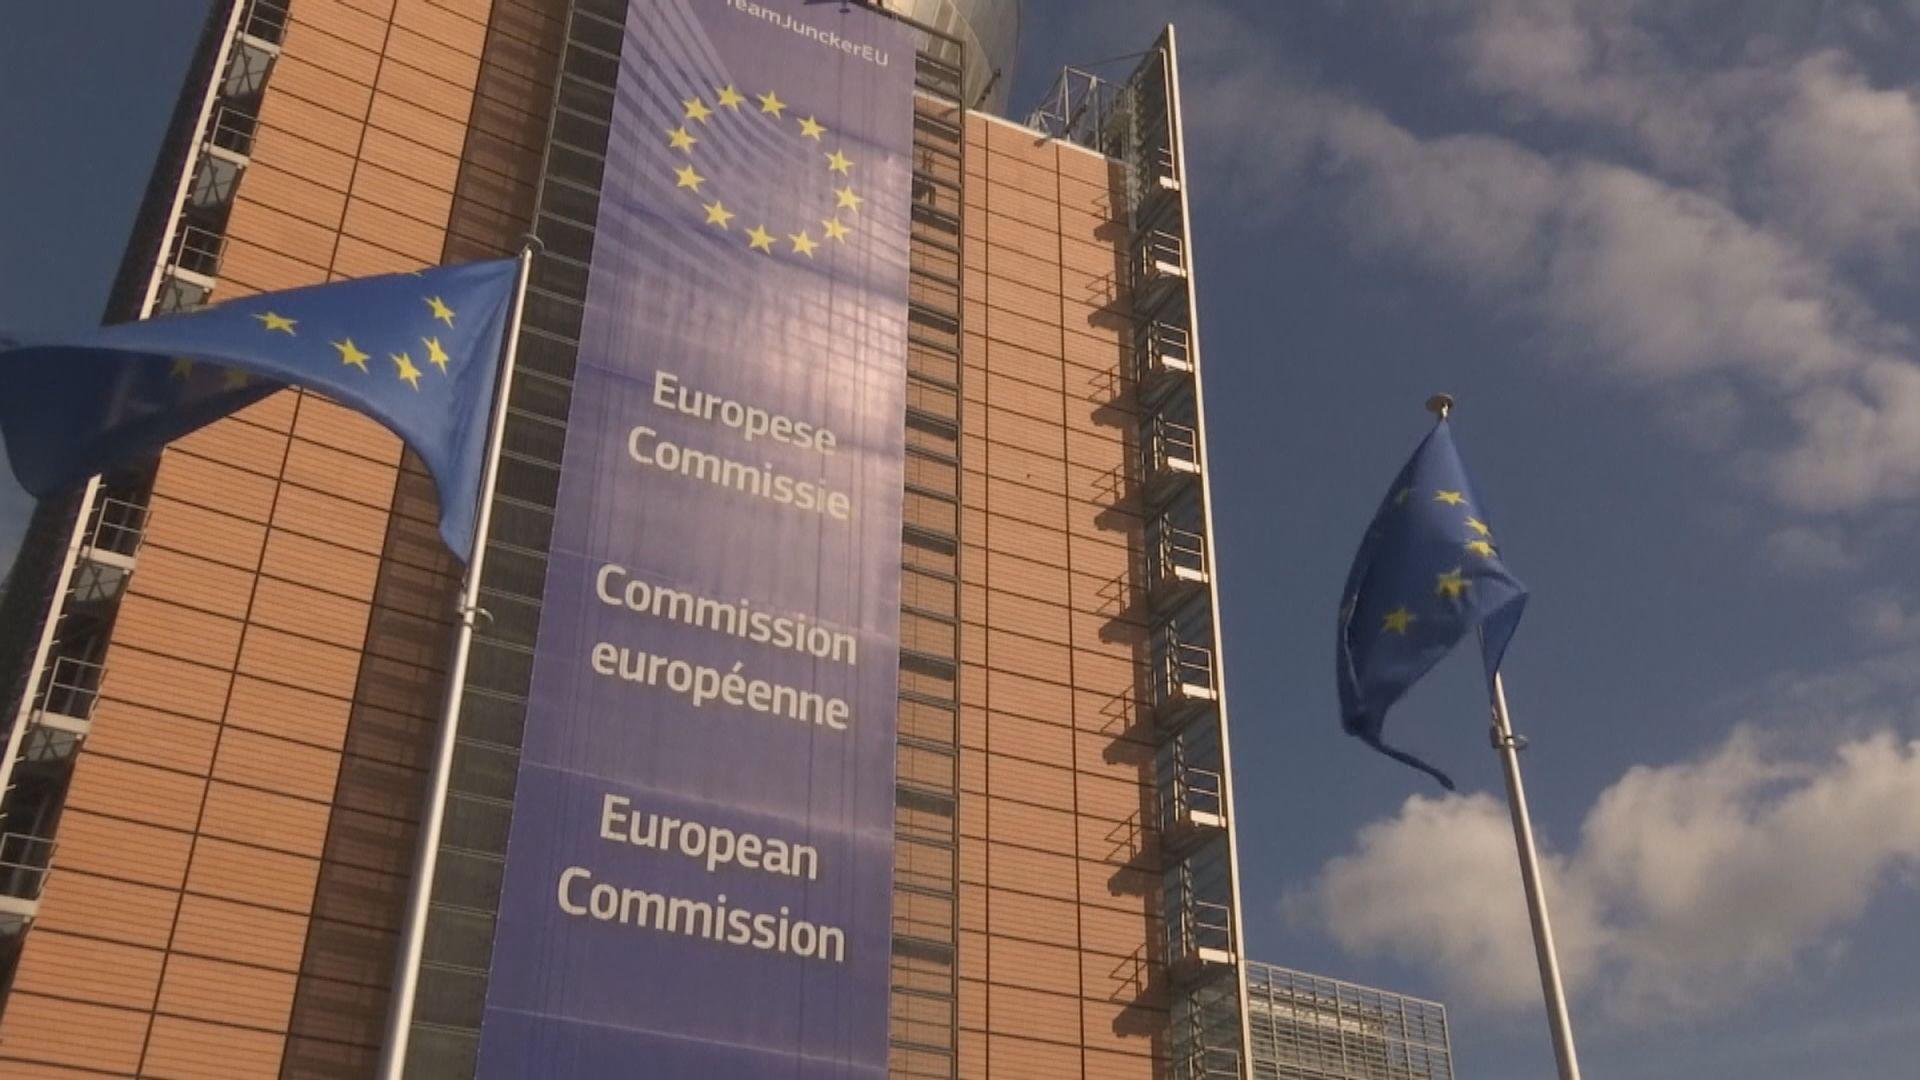 英國表明脫歐後不會再受歐盟監督